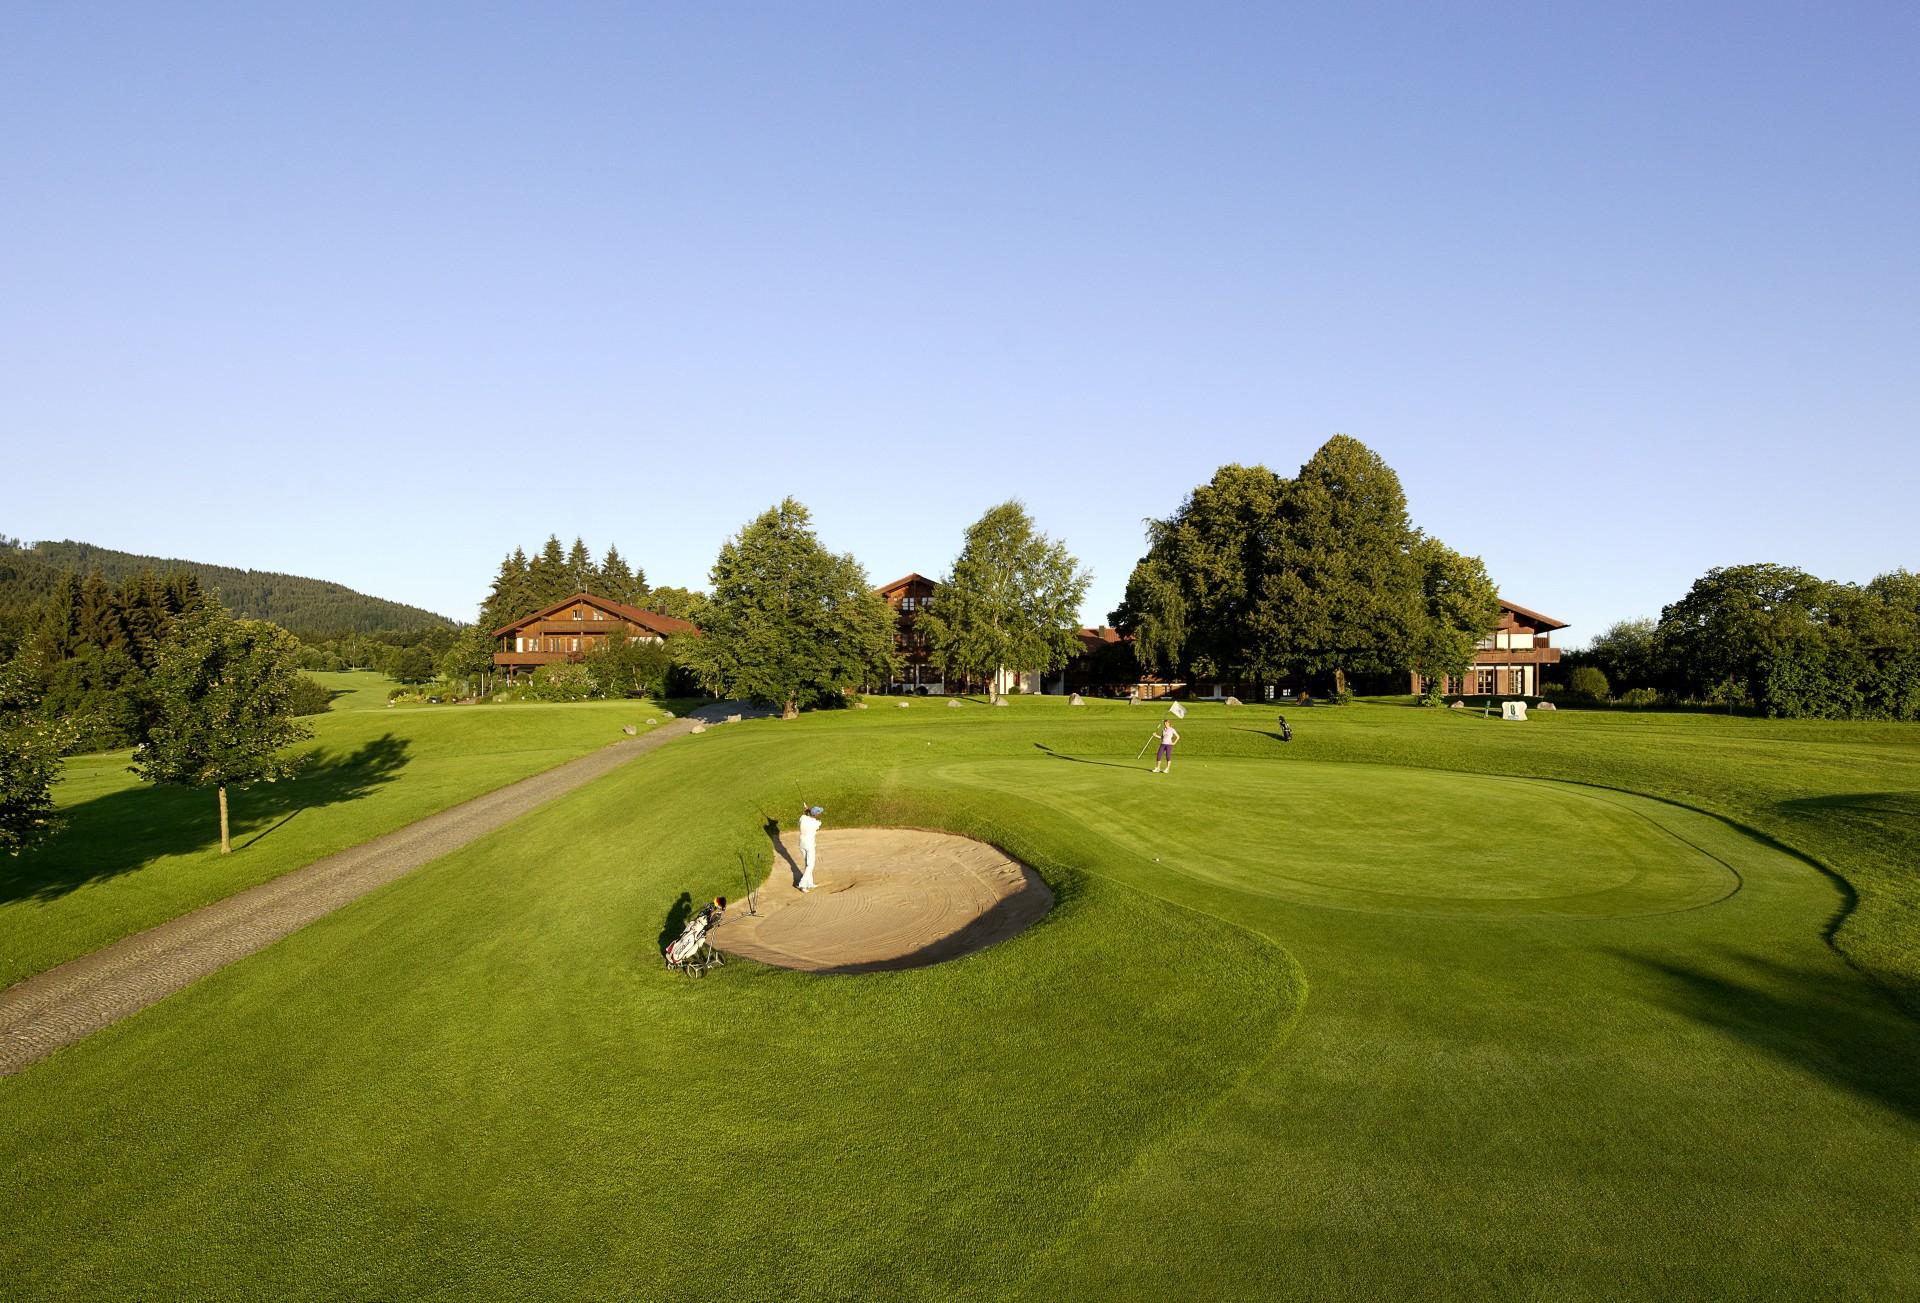 Golfplatz Margarethenhof